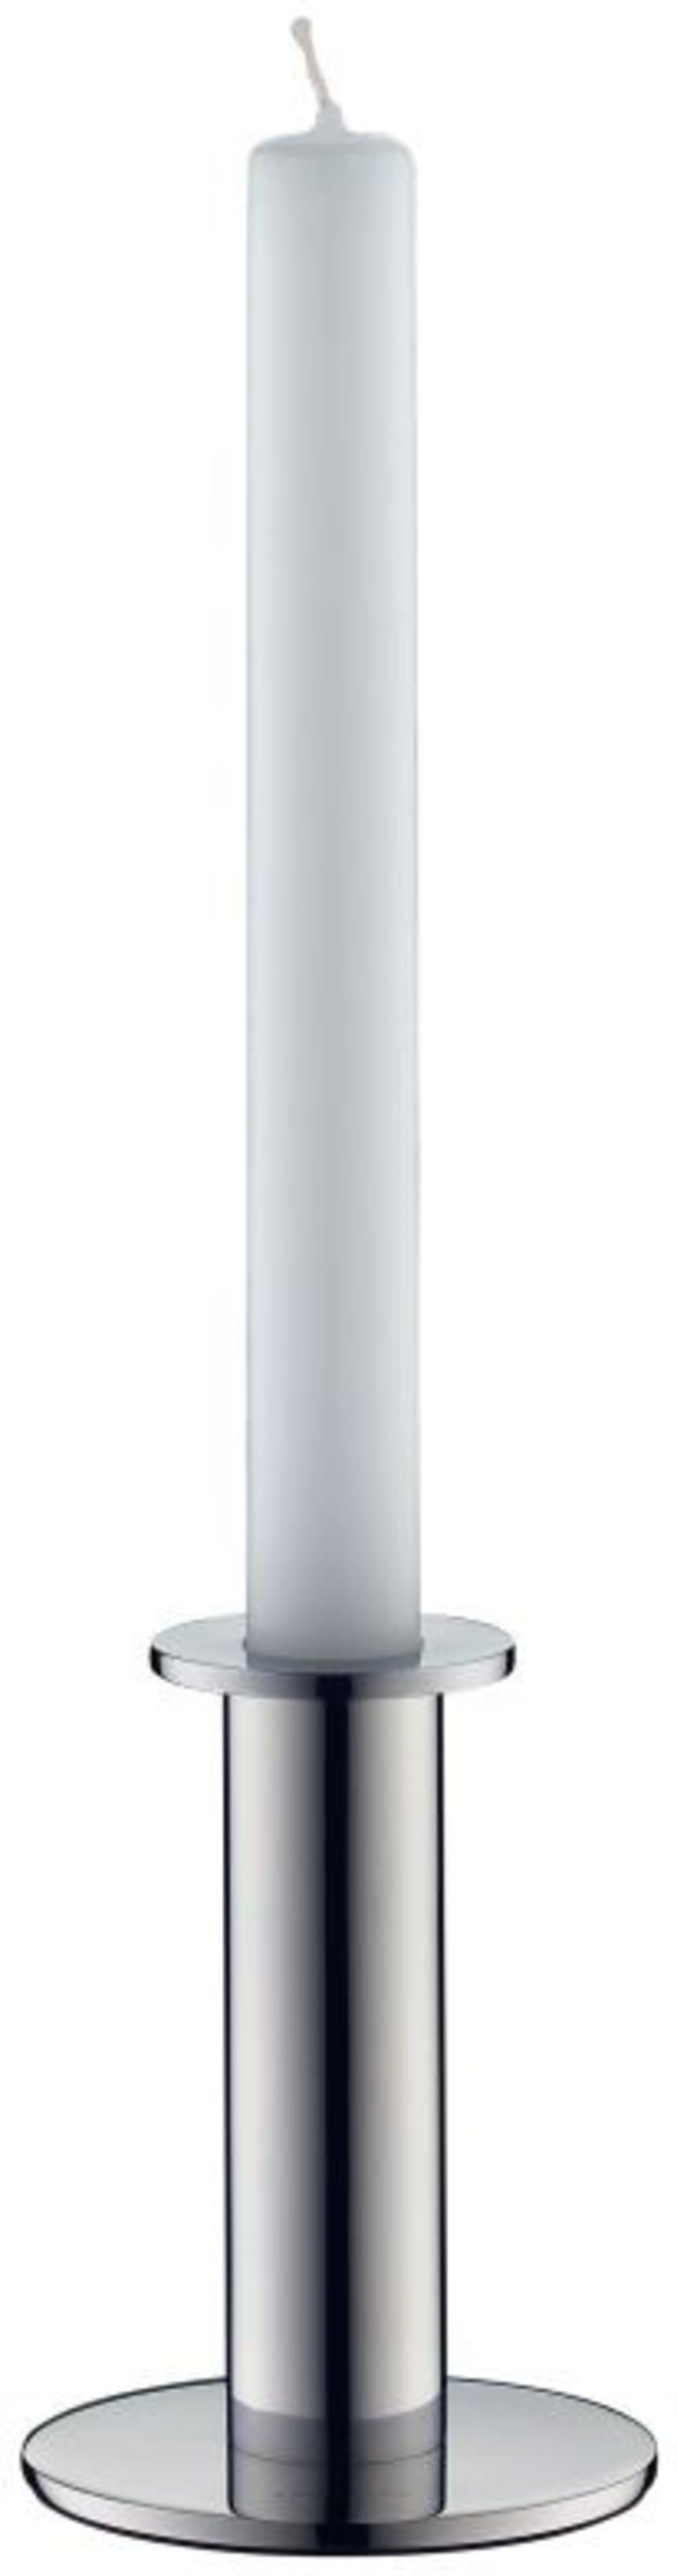 Auerhahn-TUBE świecznik,poł., świeca, H10,bez opak